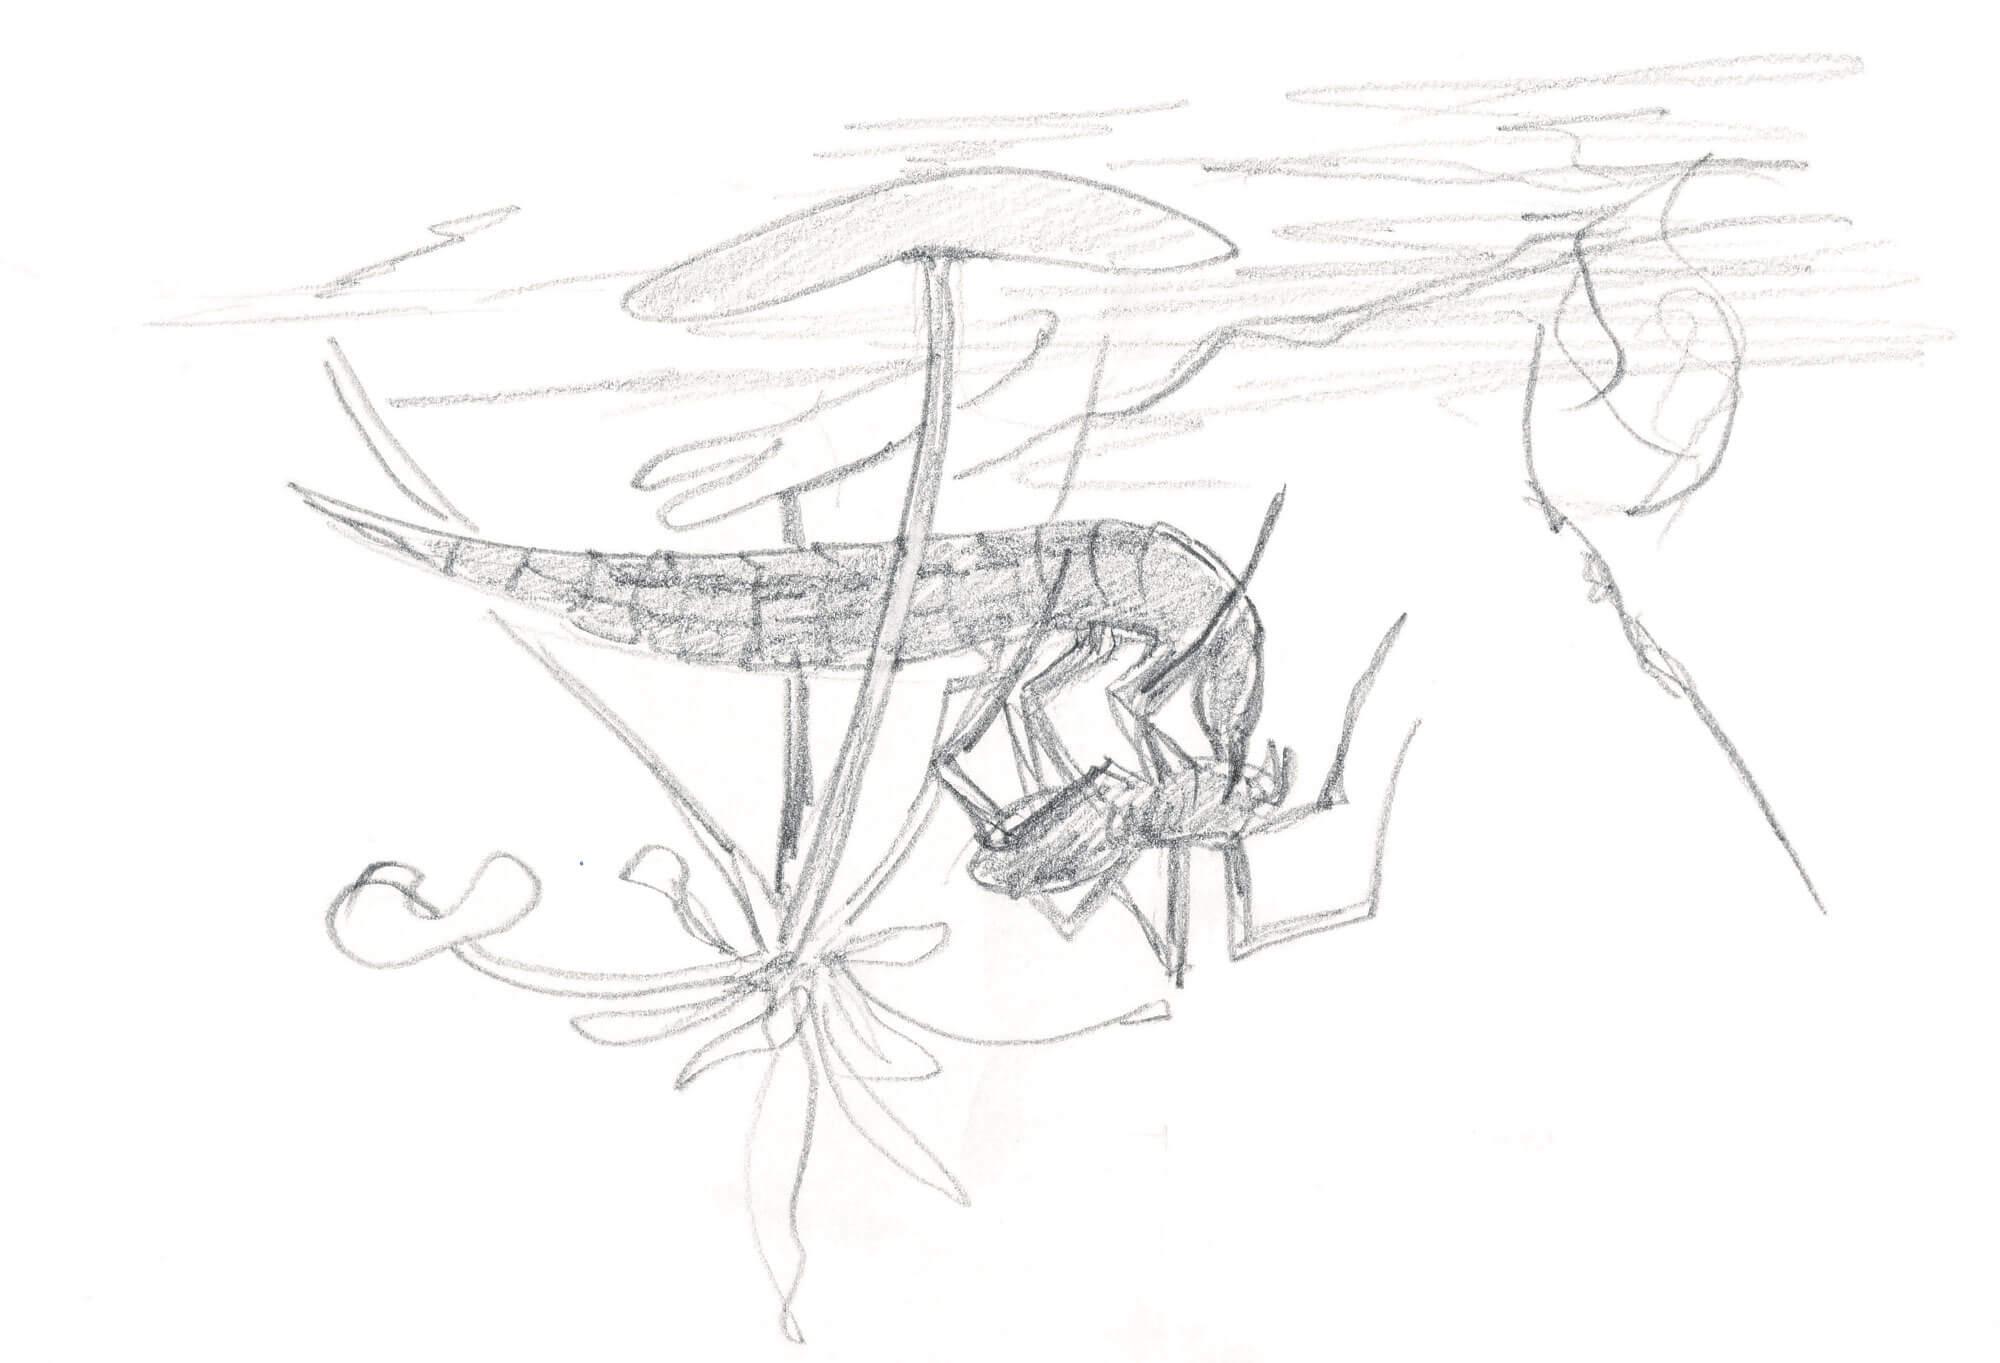 Dessin larve dytique